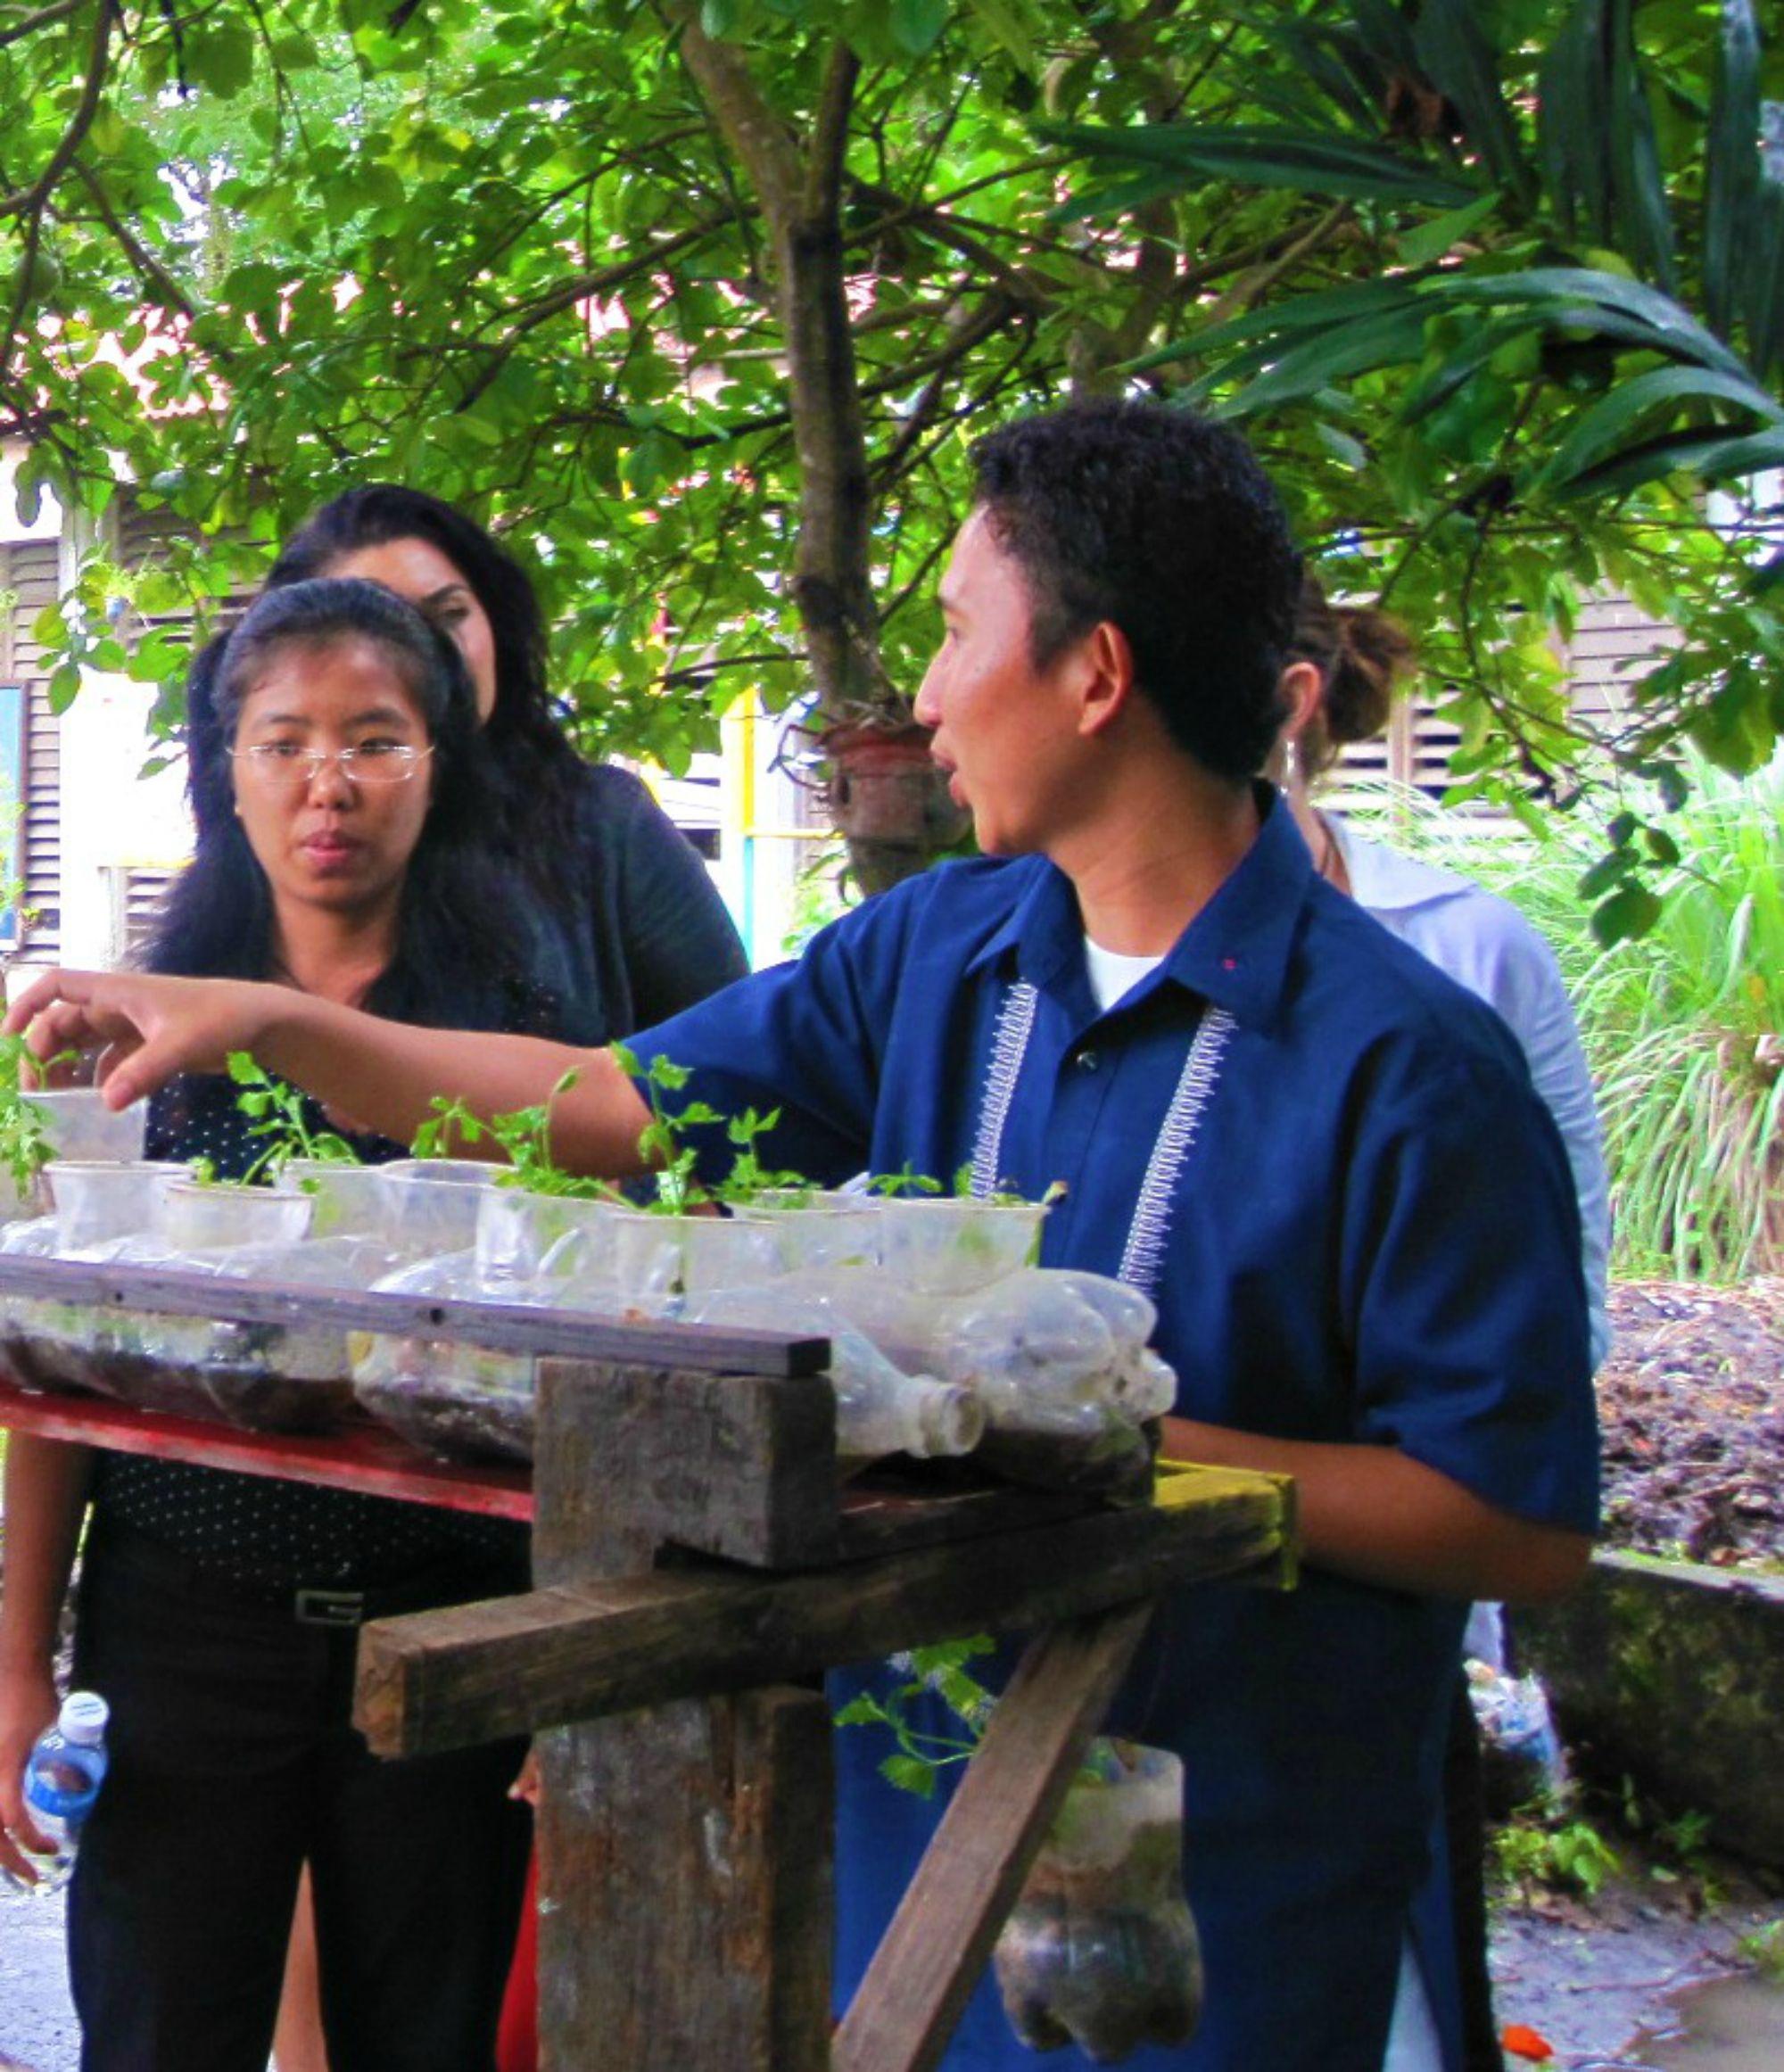 2608439c6f3ae64e61311e34cf8e2390 - Bio Intensive Gardening In The Philippines